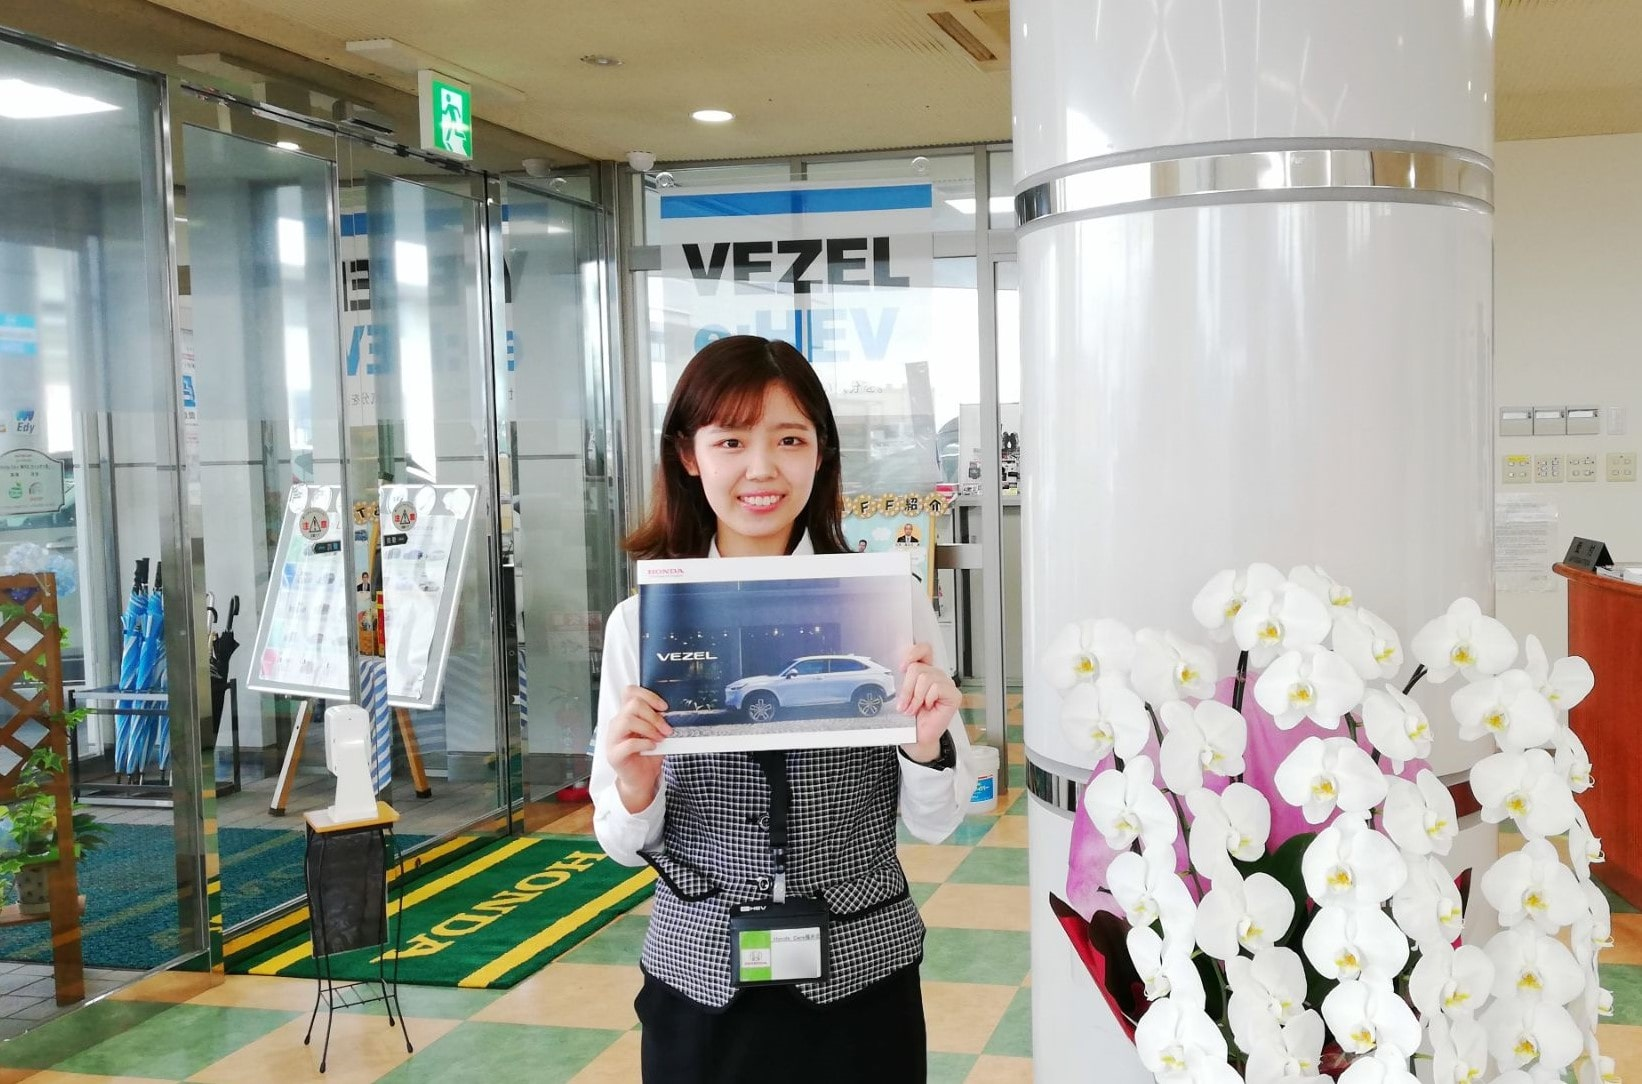 株式会社ホンダベルノ福井2022【事務職】<br>(Honda Cars 福井北 北インター店)